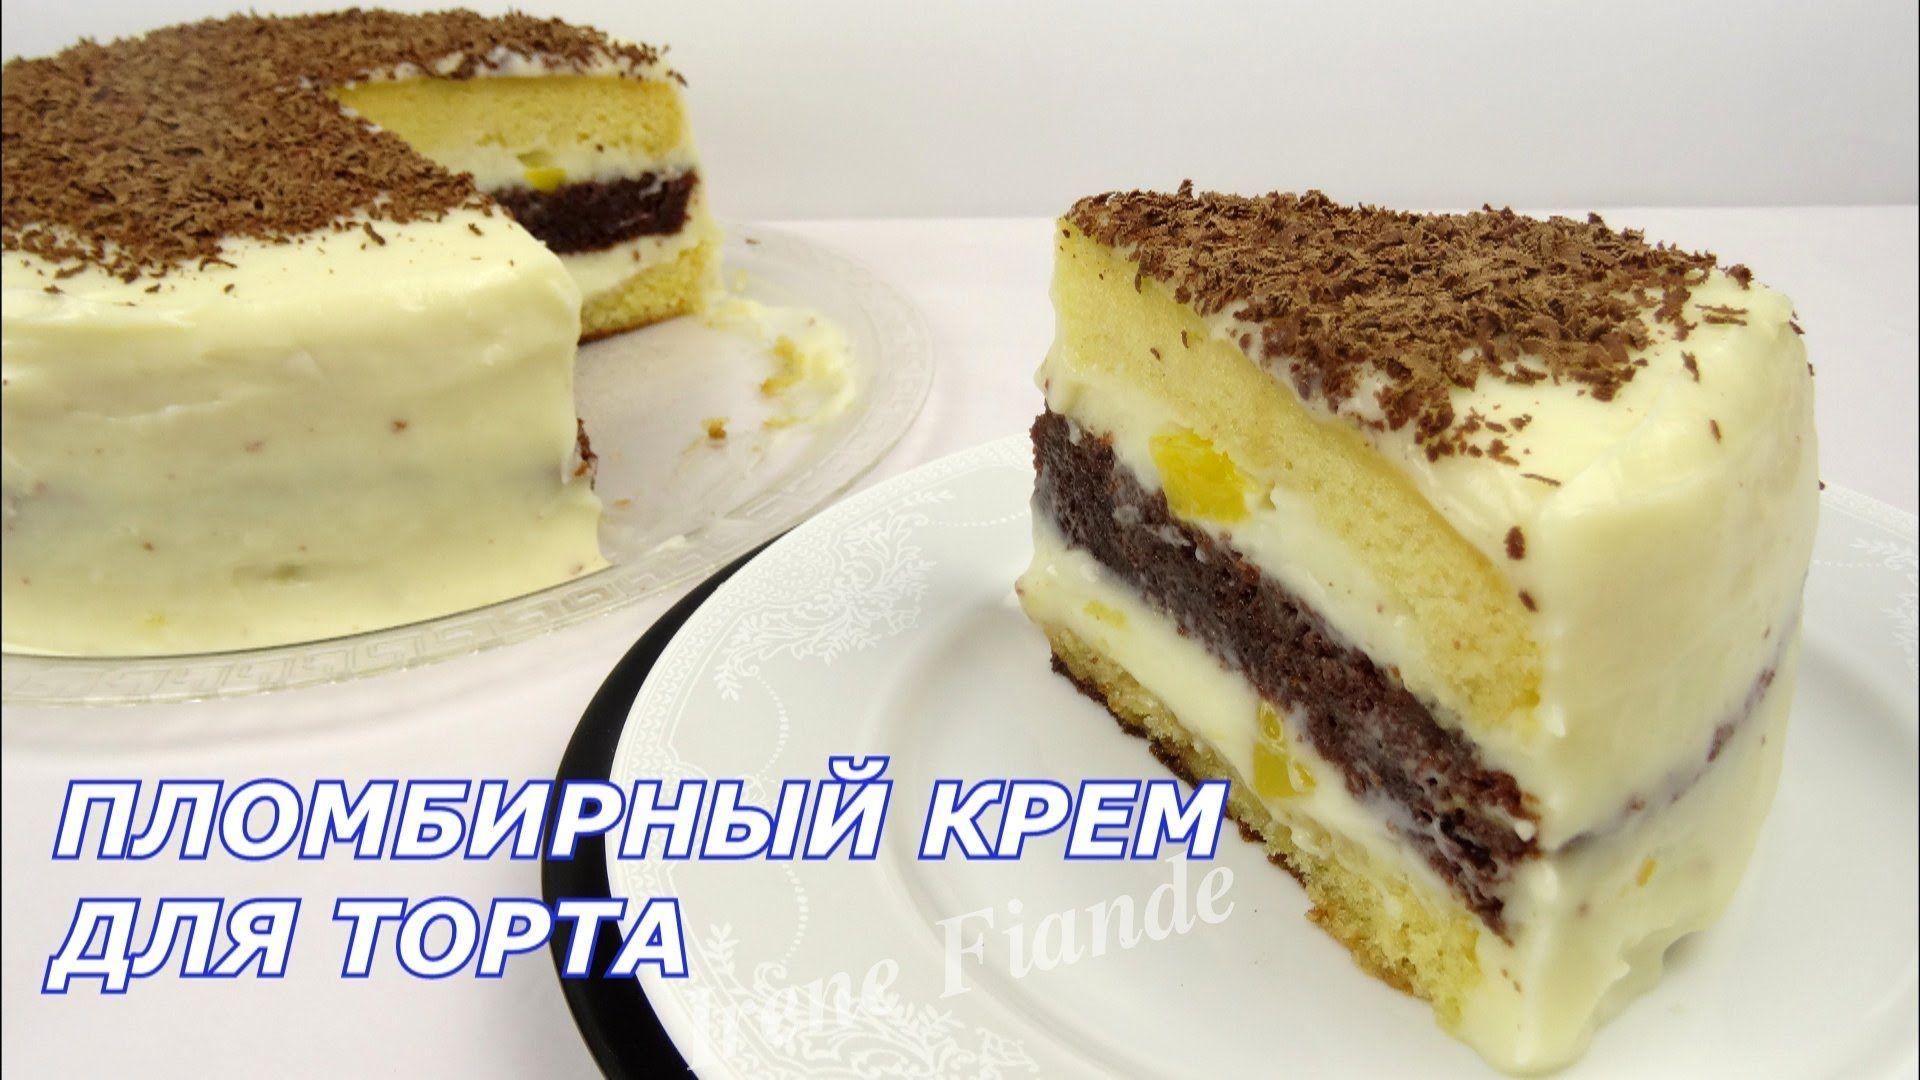 торт ням-ням с творожным кремом рецепты с фото